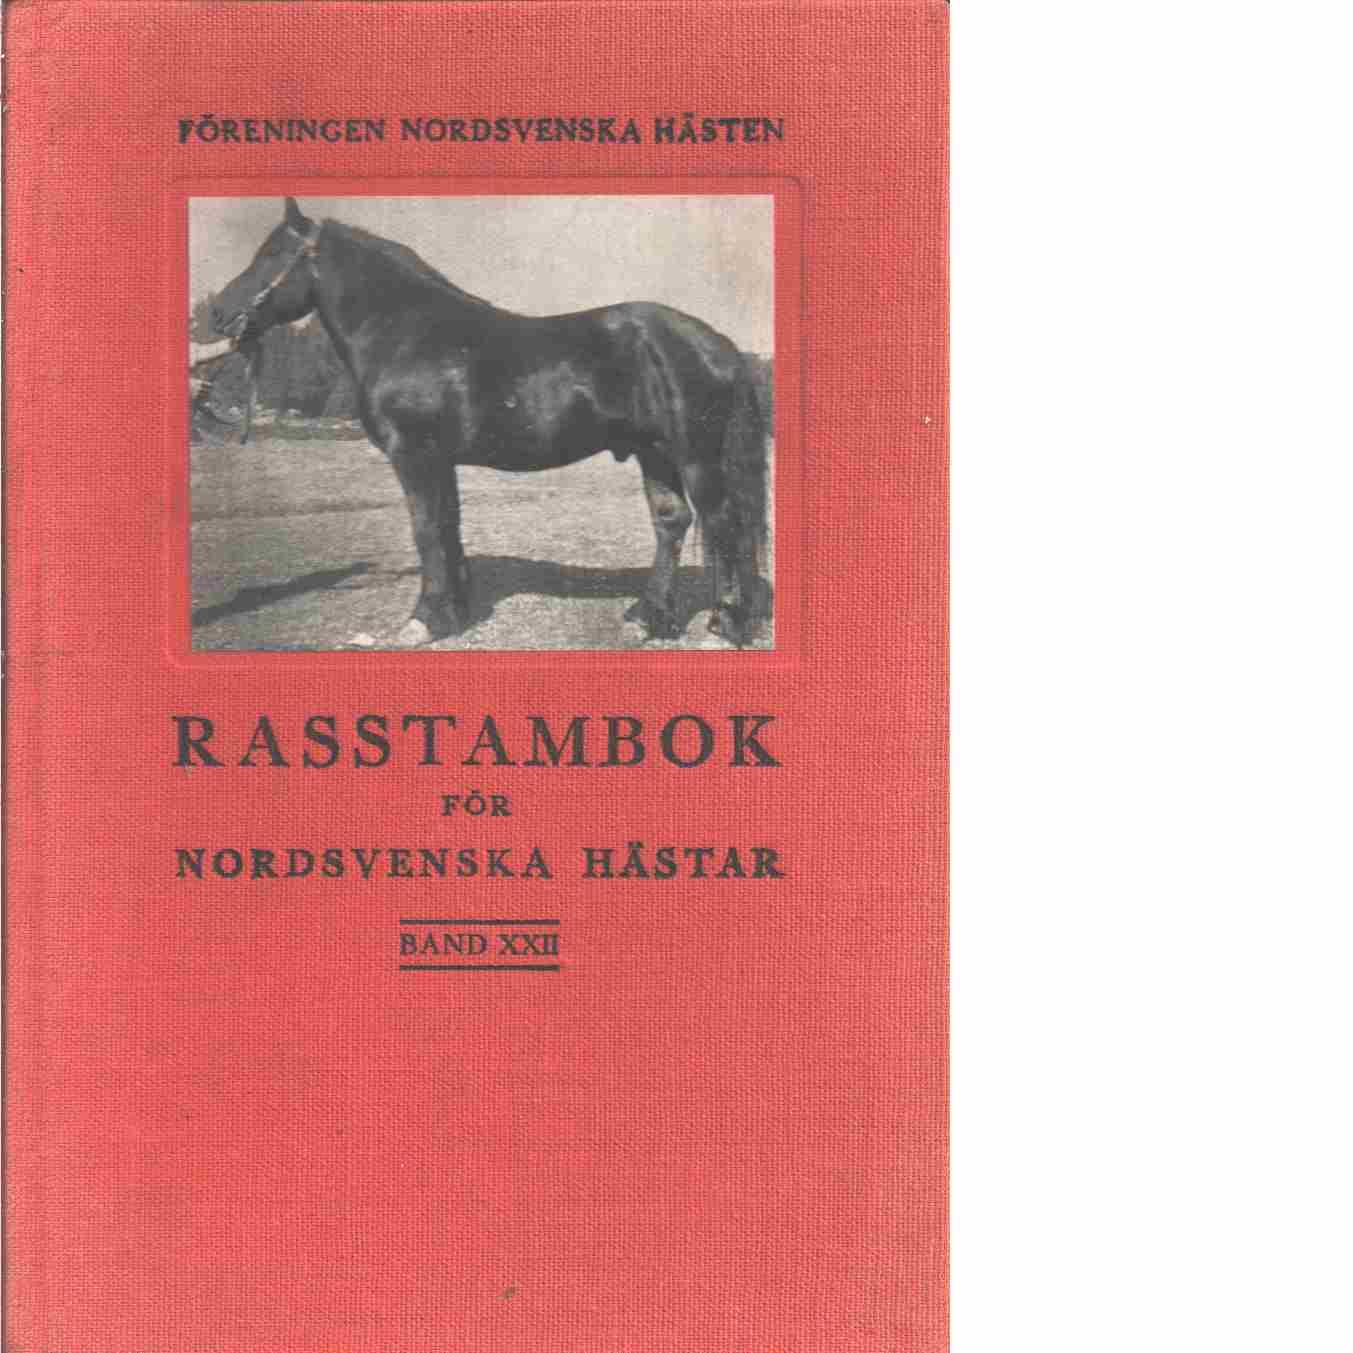 Rasstambok för nordsvenska hästar.  Band XXII - Red. Föreningen Nordsvenska hästen